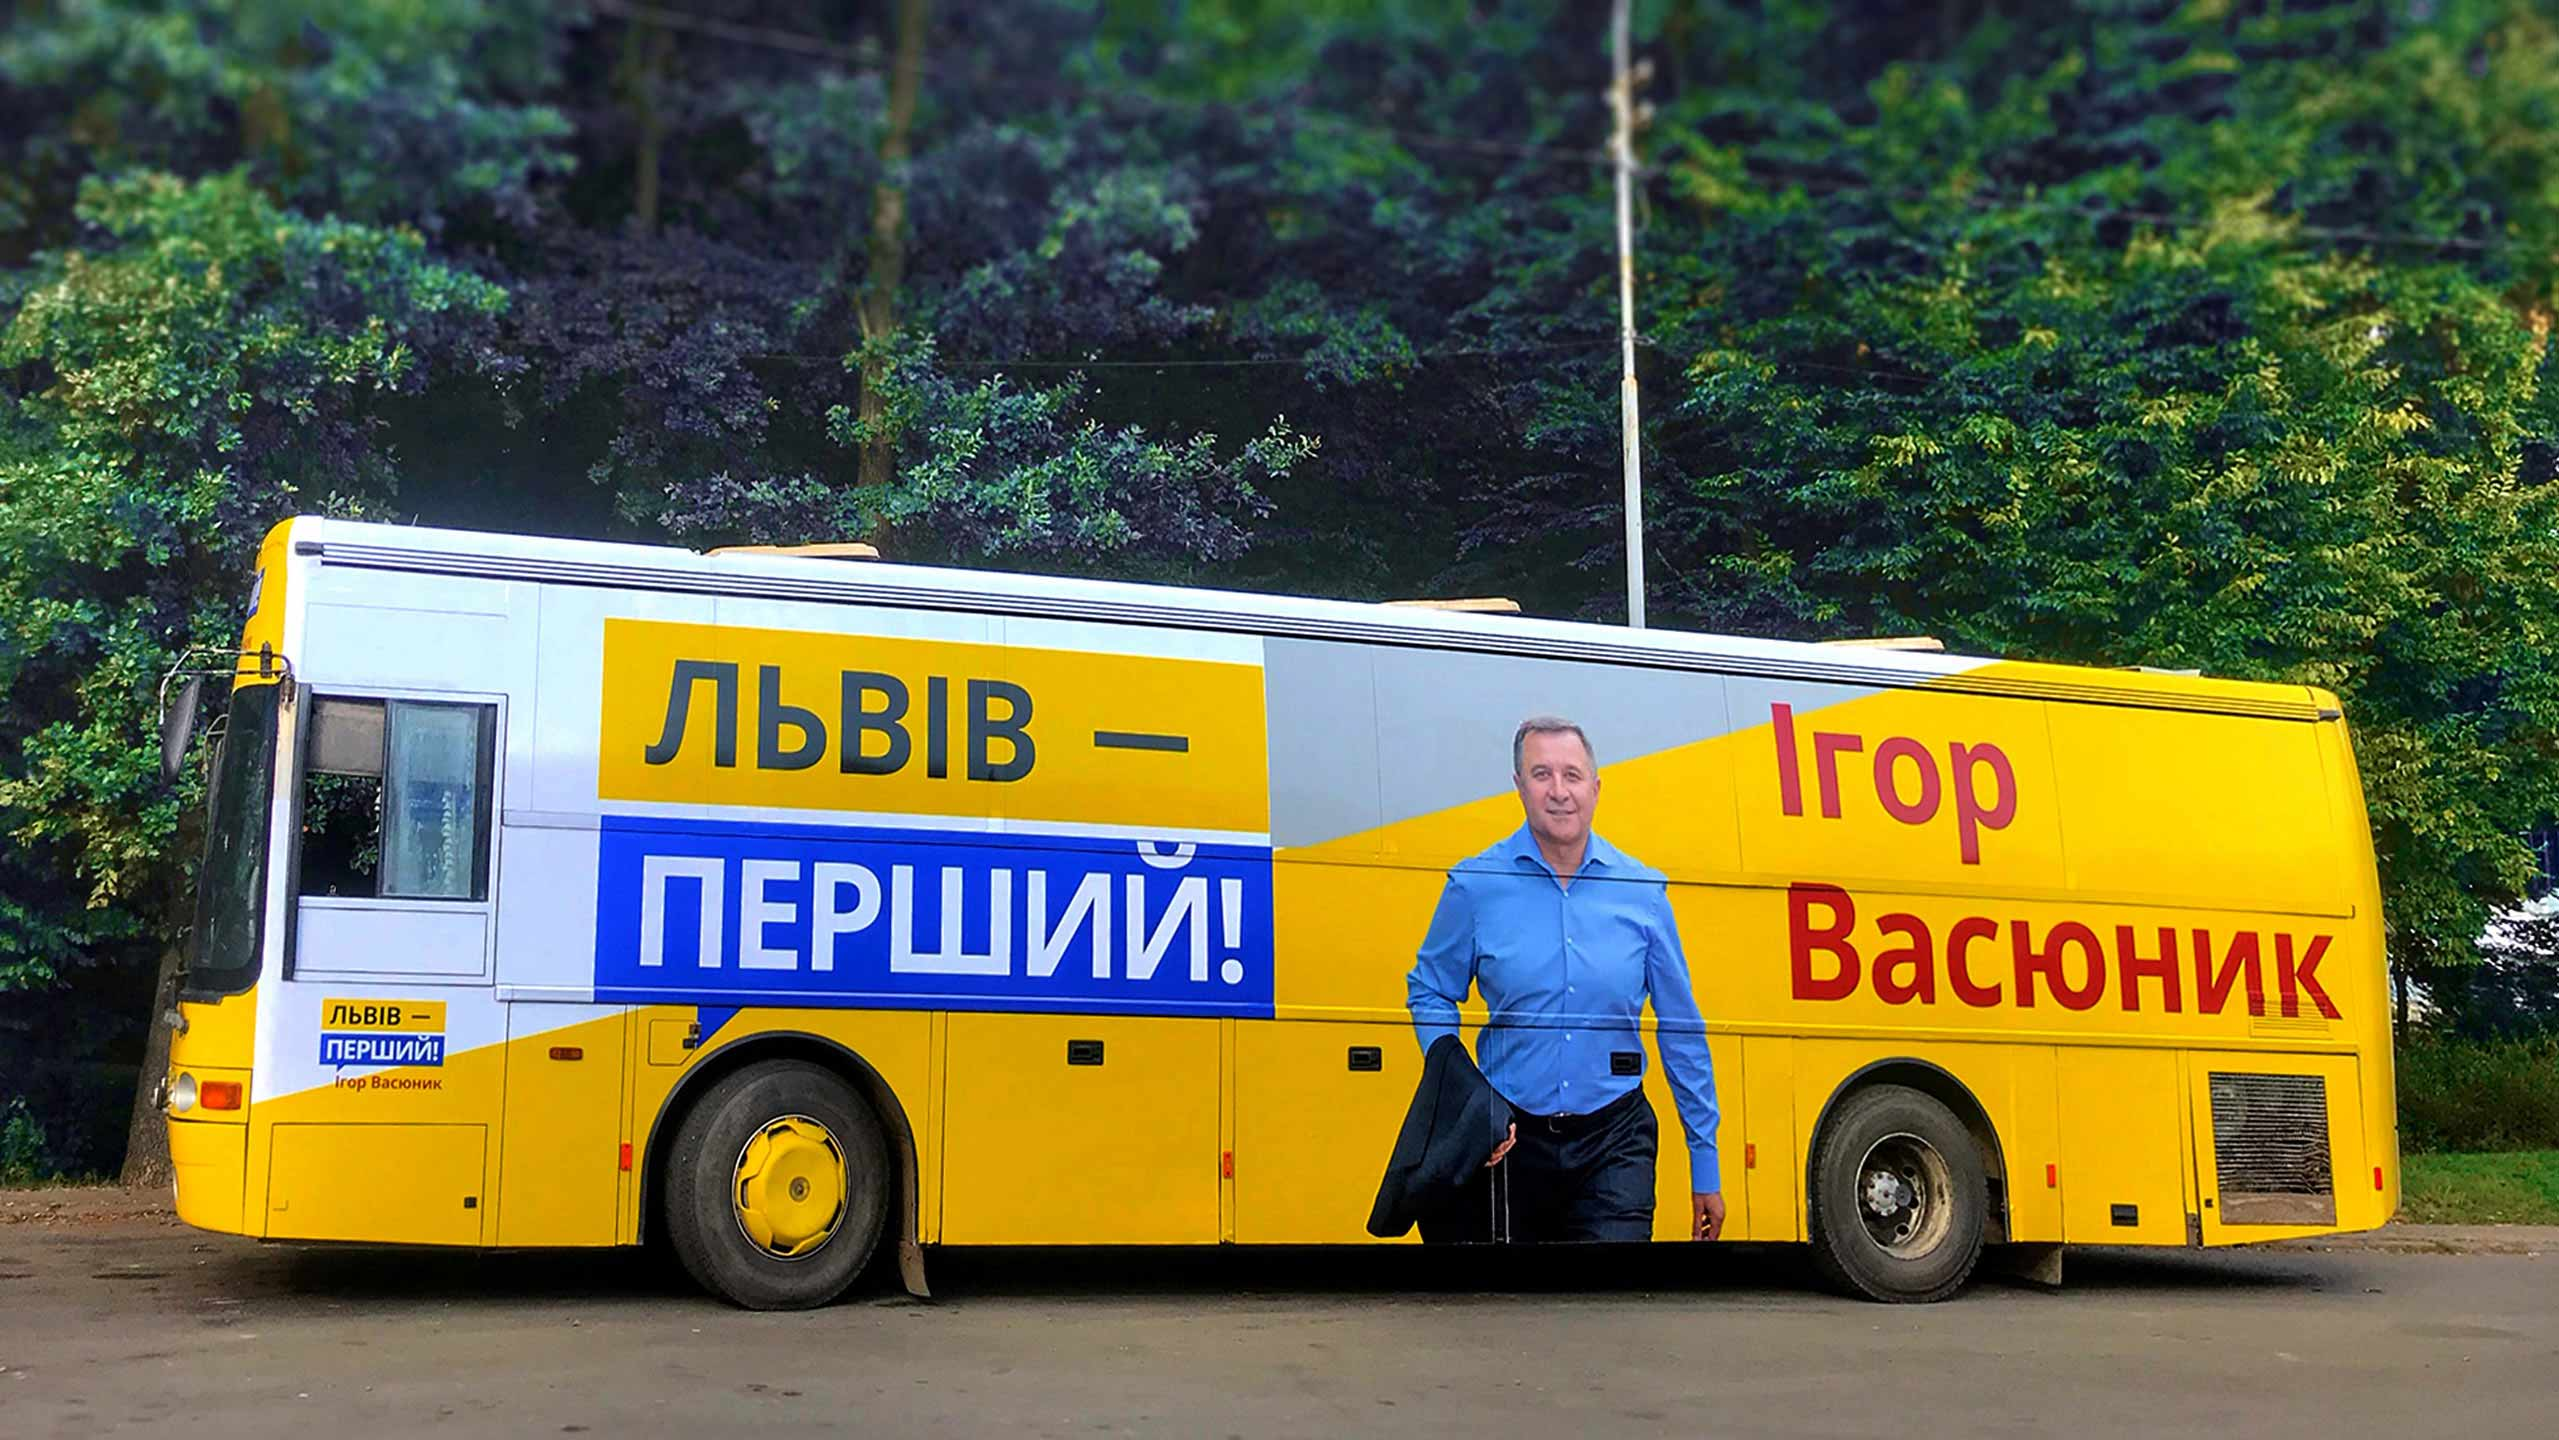 Політична реклама на транспорті Ігор Васюник